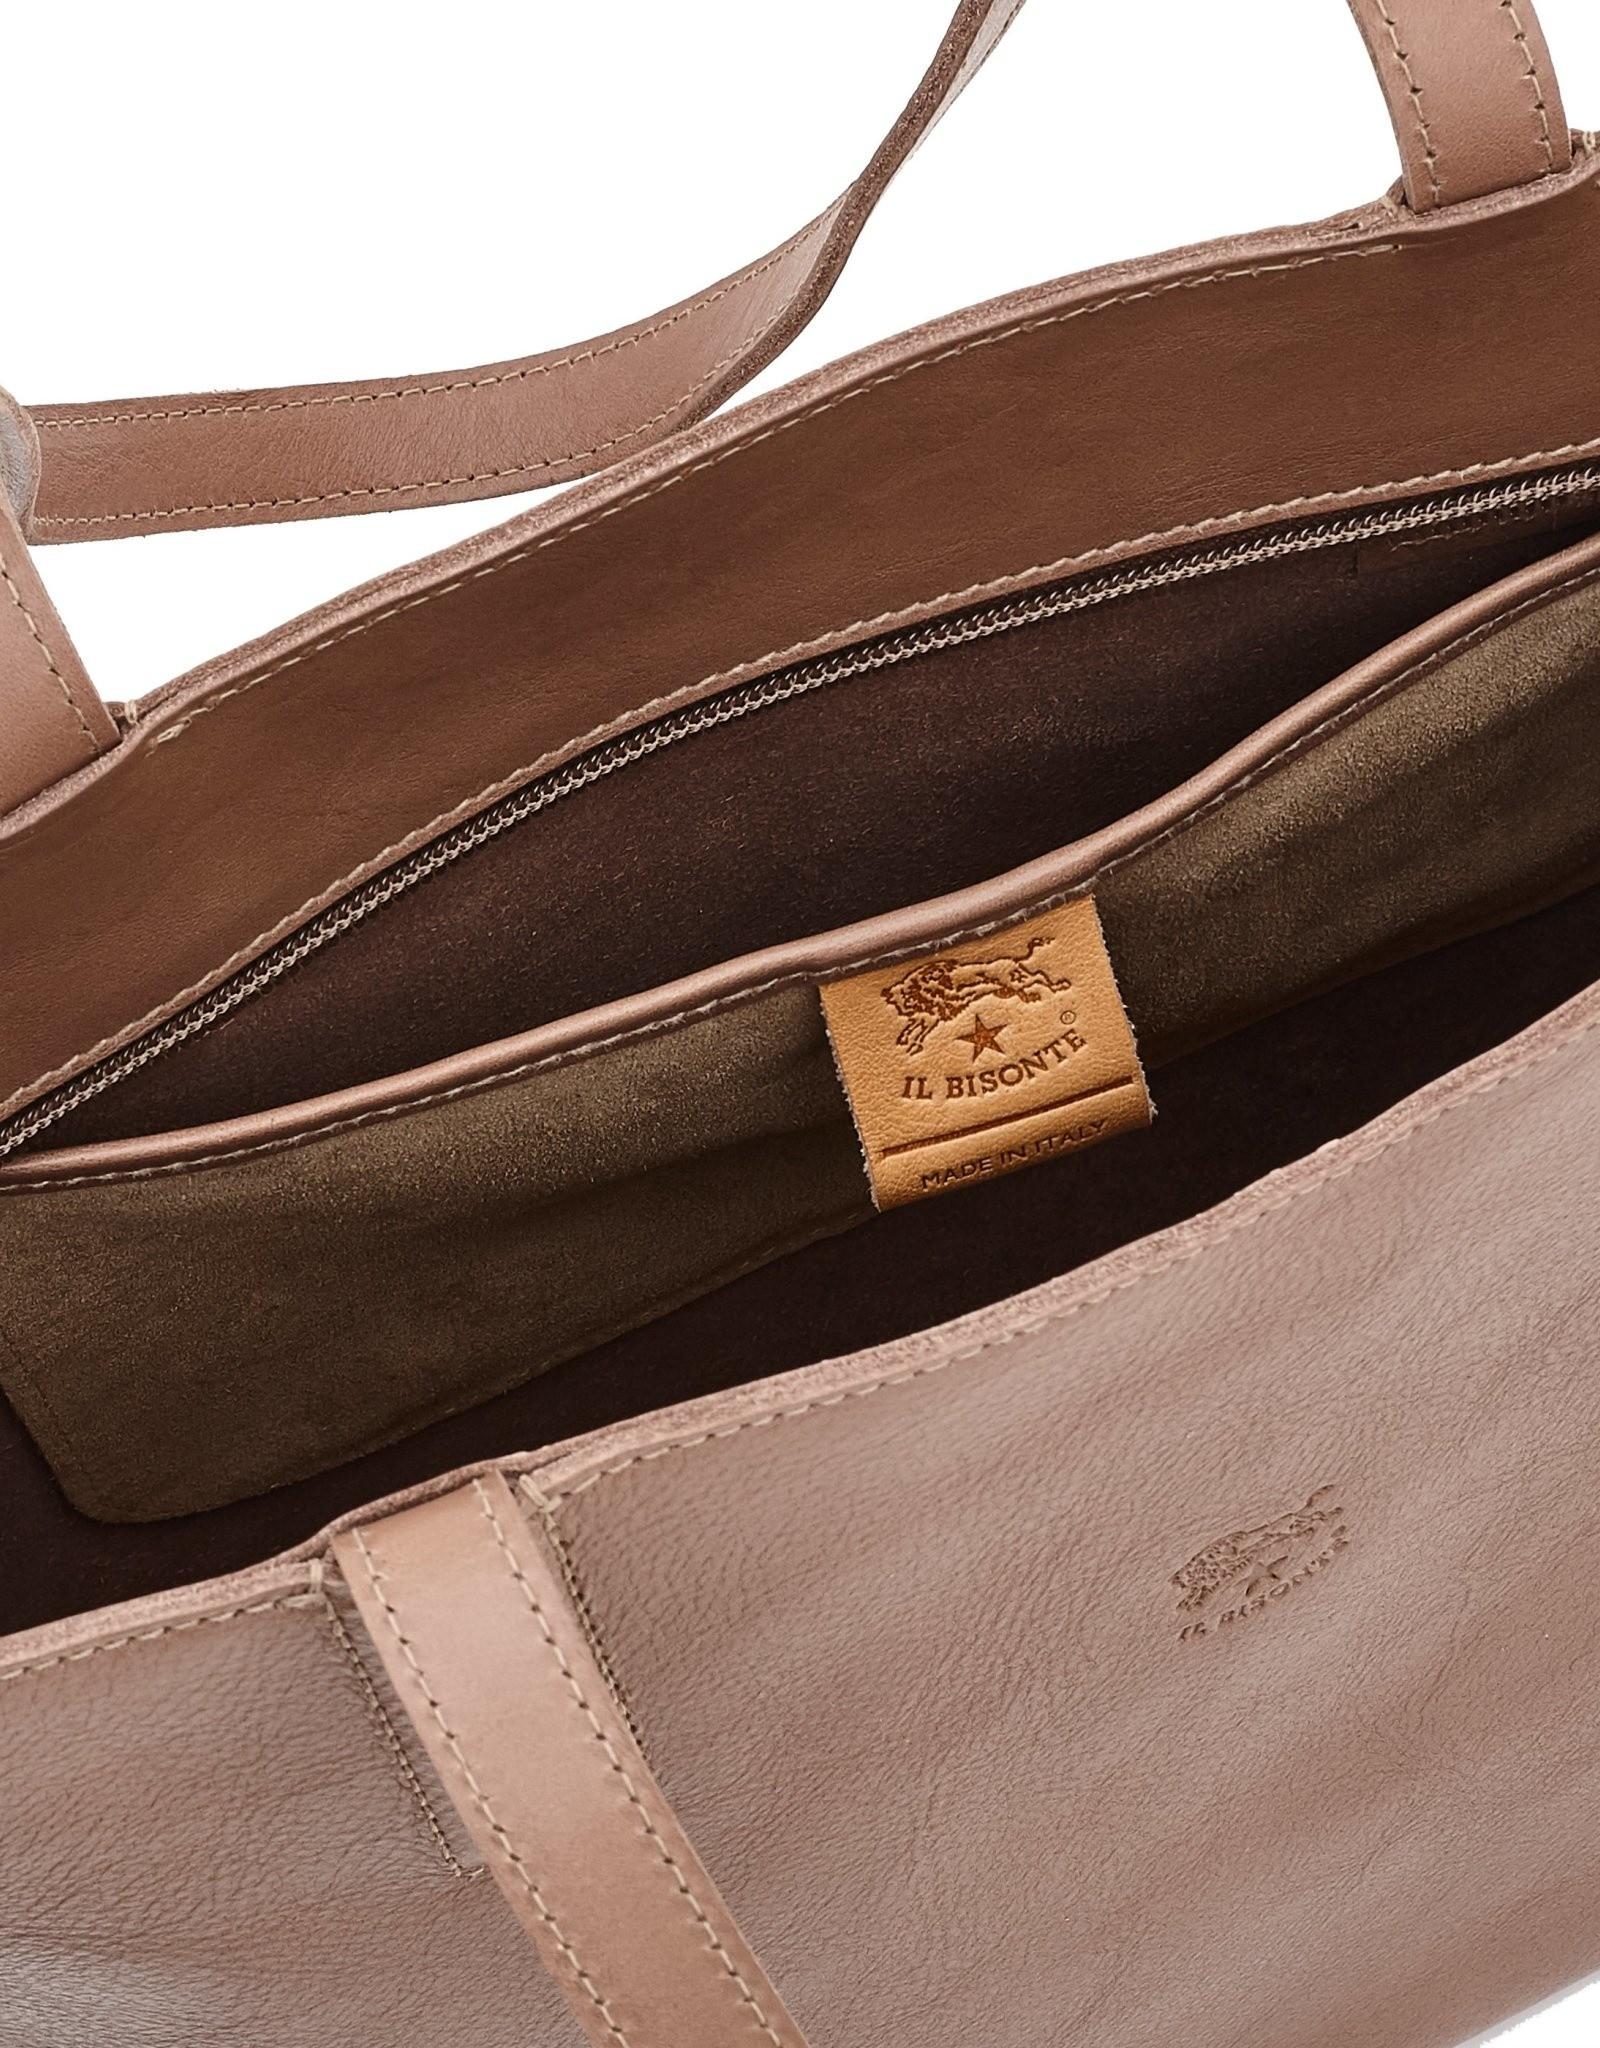 IL BISONTE - Tote Bag